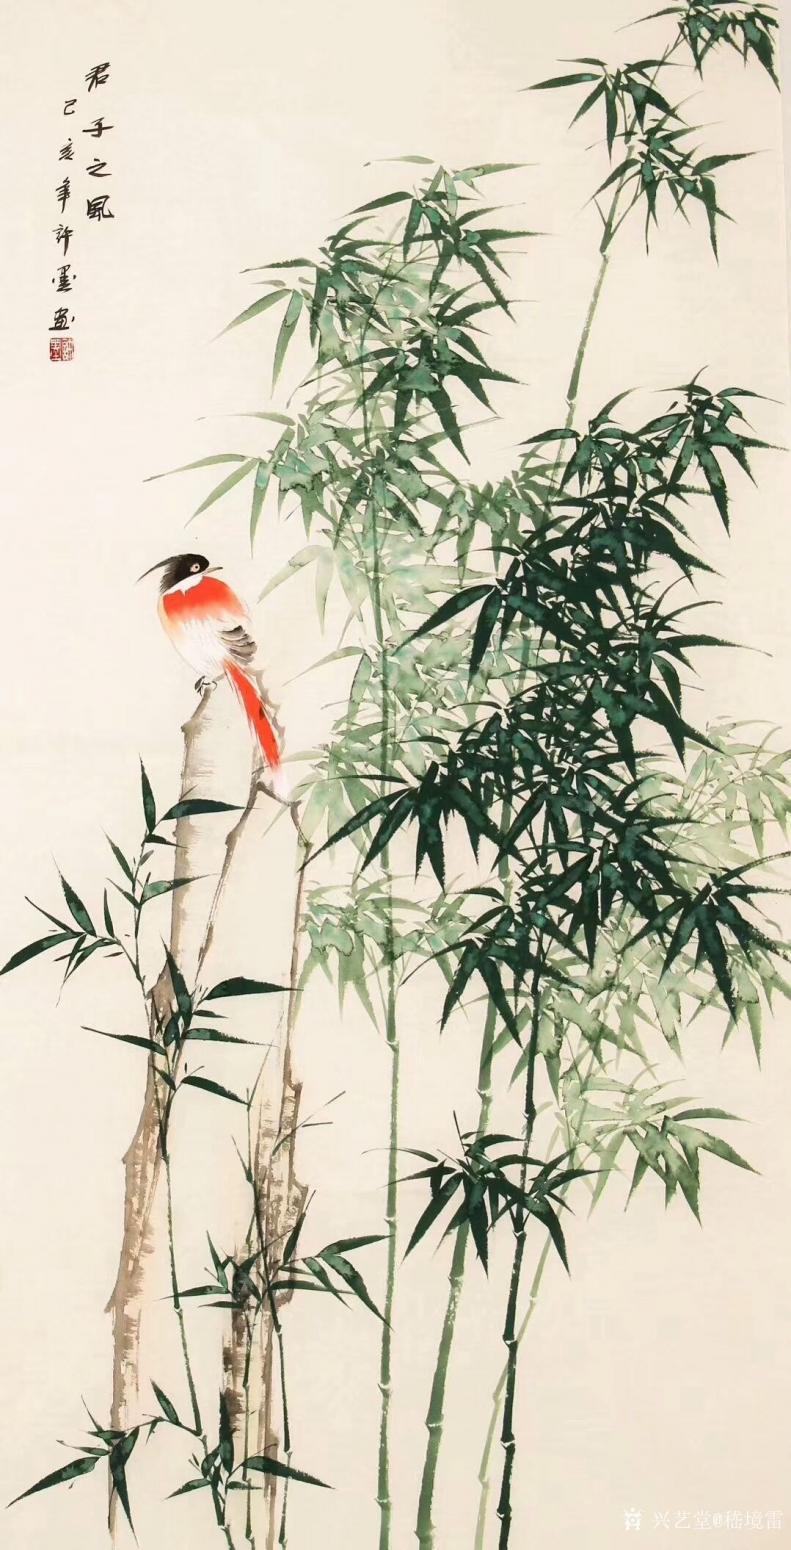 嵇境雷国画作品《竹-君子之风-许墨》